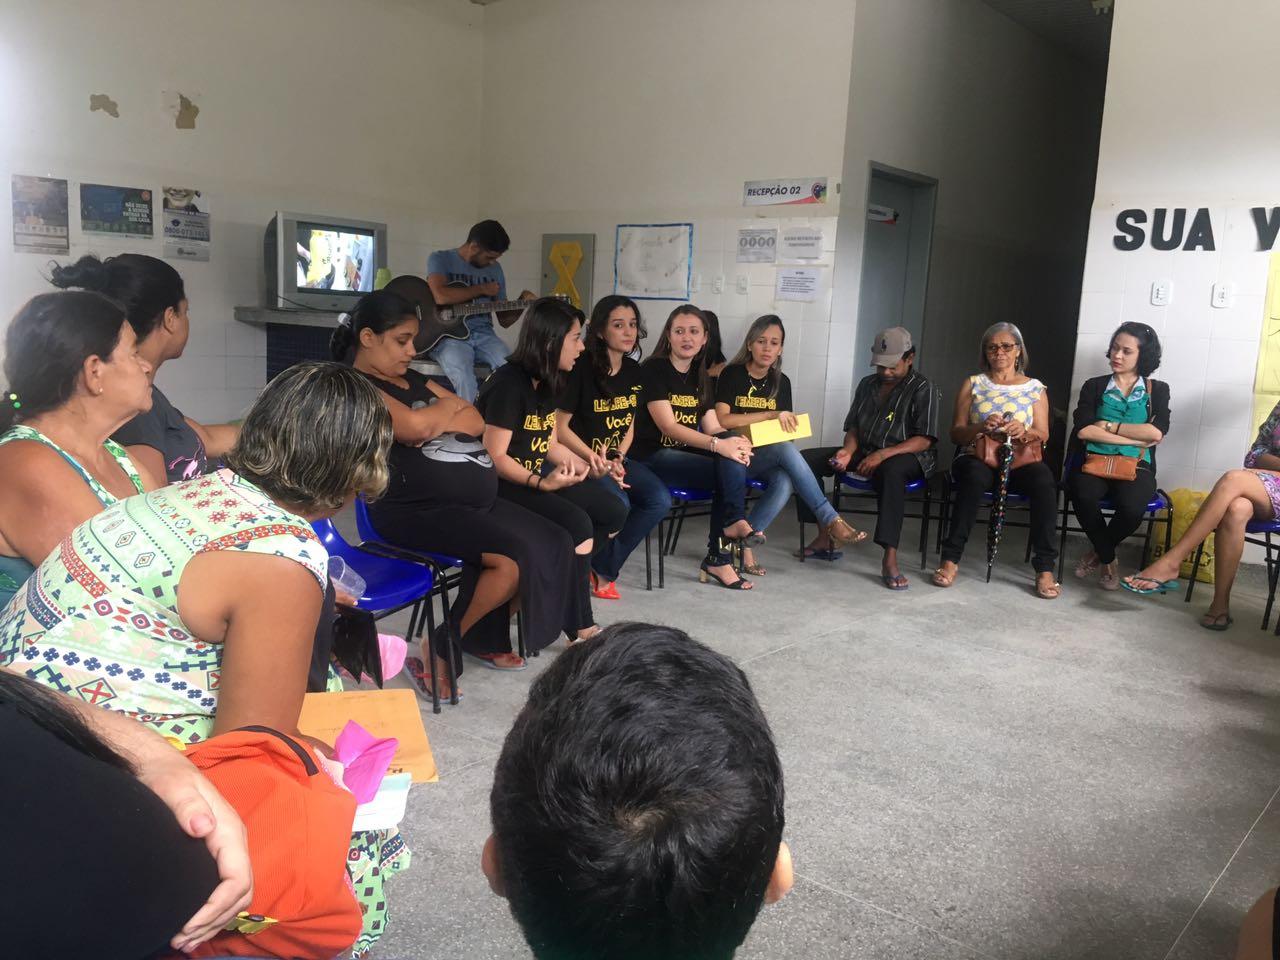 Alunos do programa Residência Multiprofissional em Saúde da Família, na UBS José Antônio Maroto, em Lagarto(Foto: colaboração professora Giselle de Carvalho Brito)